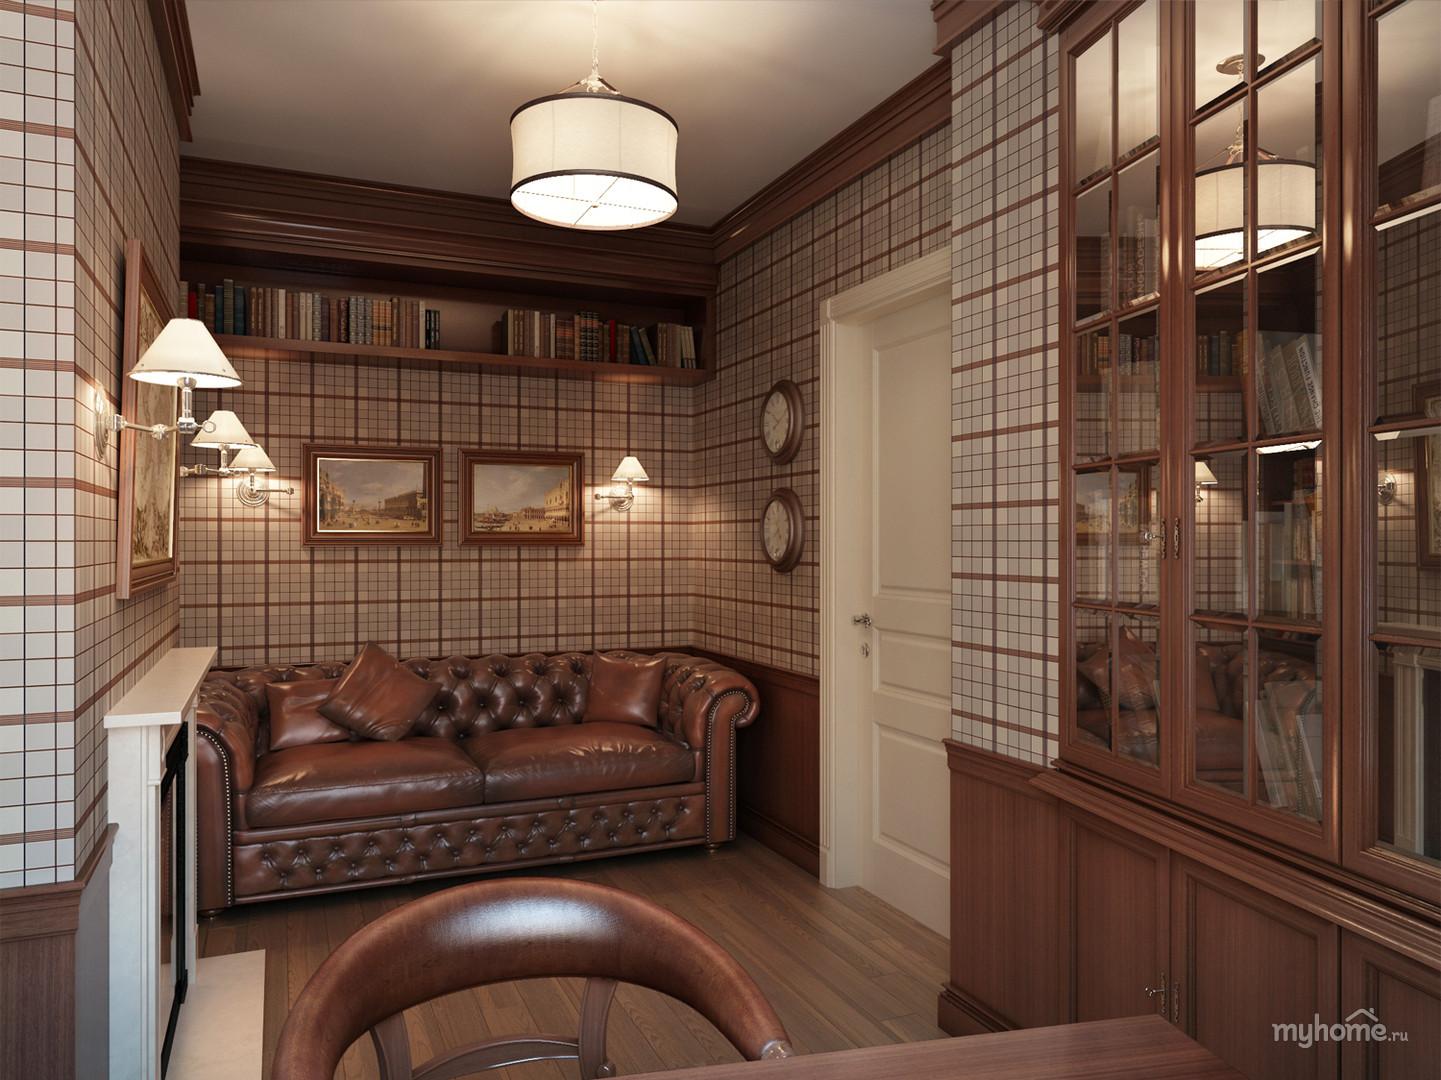 дизайн интерьера квартиры санкт петербург при остеохондрозе